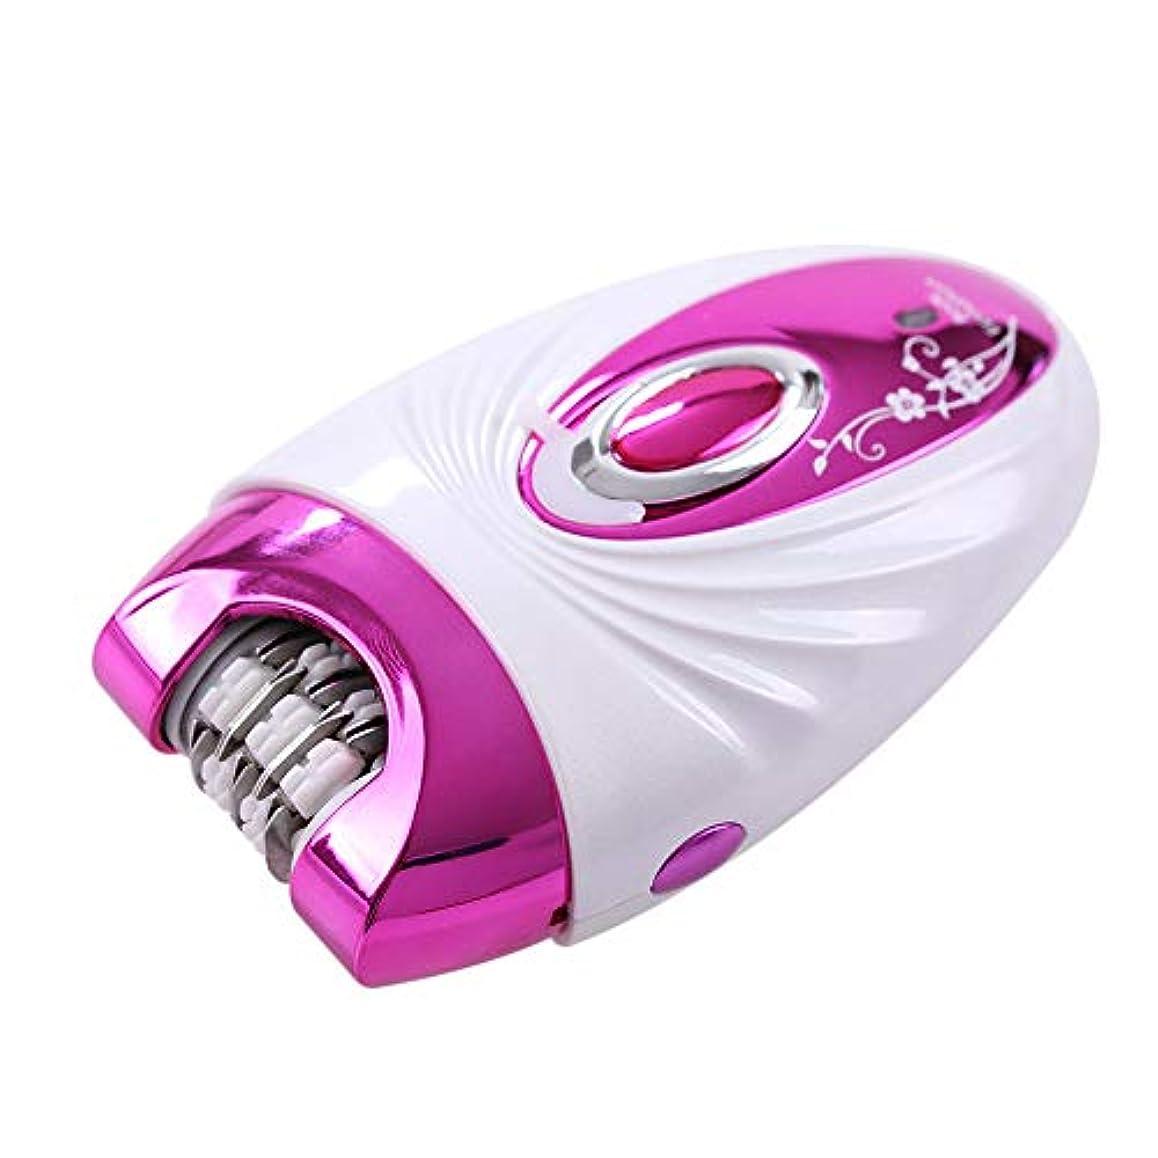 裂け目トライアスロン細断ポータブル脱毛器、摘採装置、3-In-1多機能シェーバー、Abs +合金、エレガントパープルユニセックス、剃毛脚、プライベートパーツ、剃毛